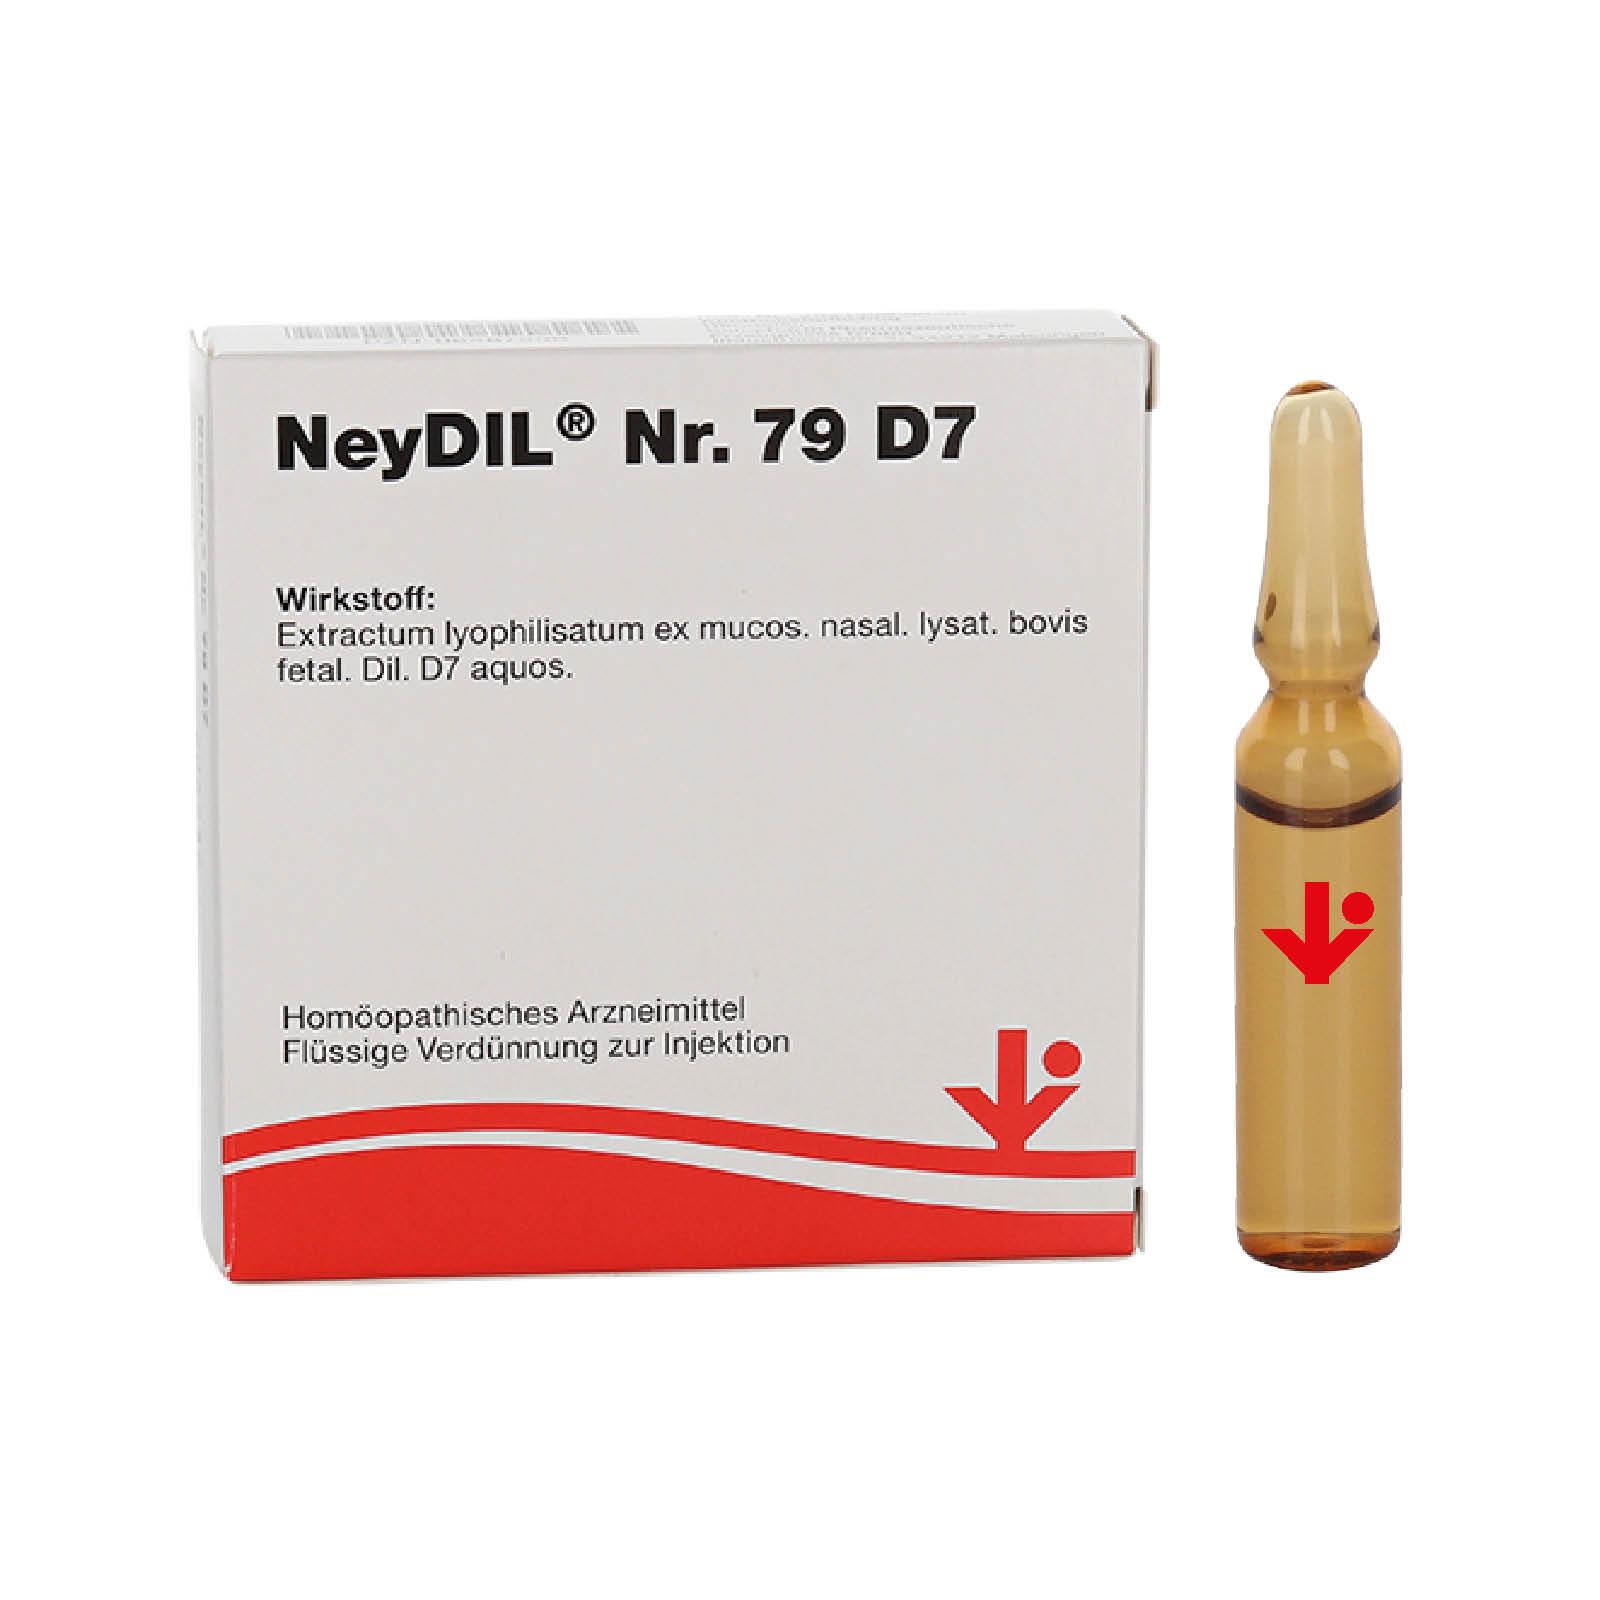 NeyDIL® Nr. 79 D7